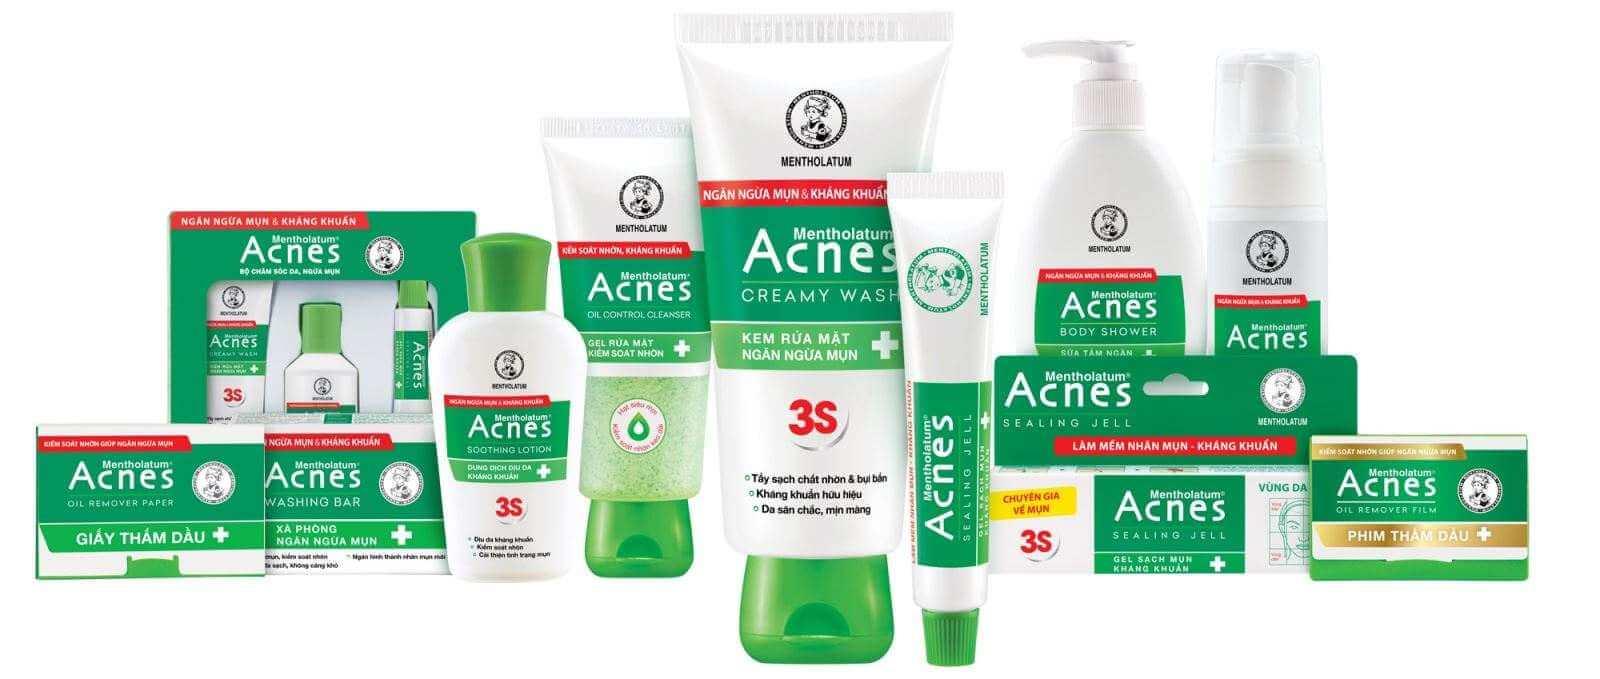 Bộ sản phẩm Acnes trị mụn 3s hiệu quả nhanh